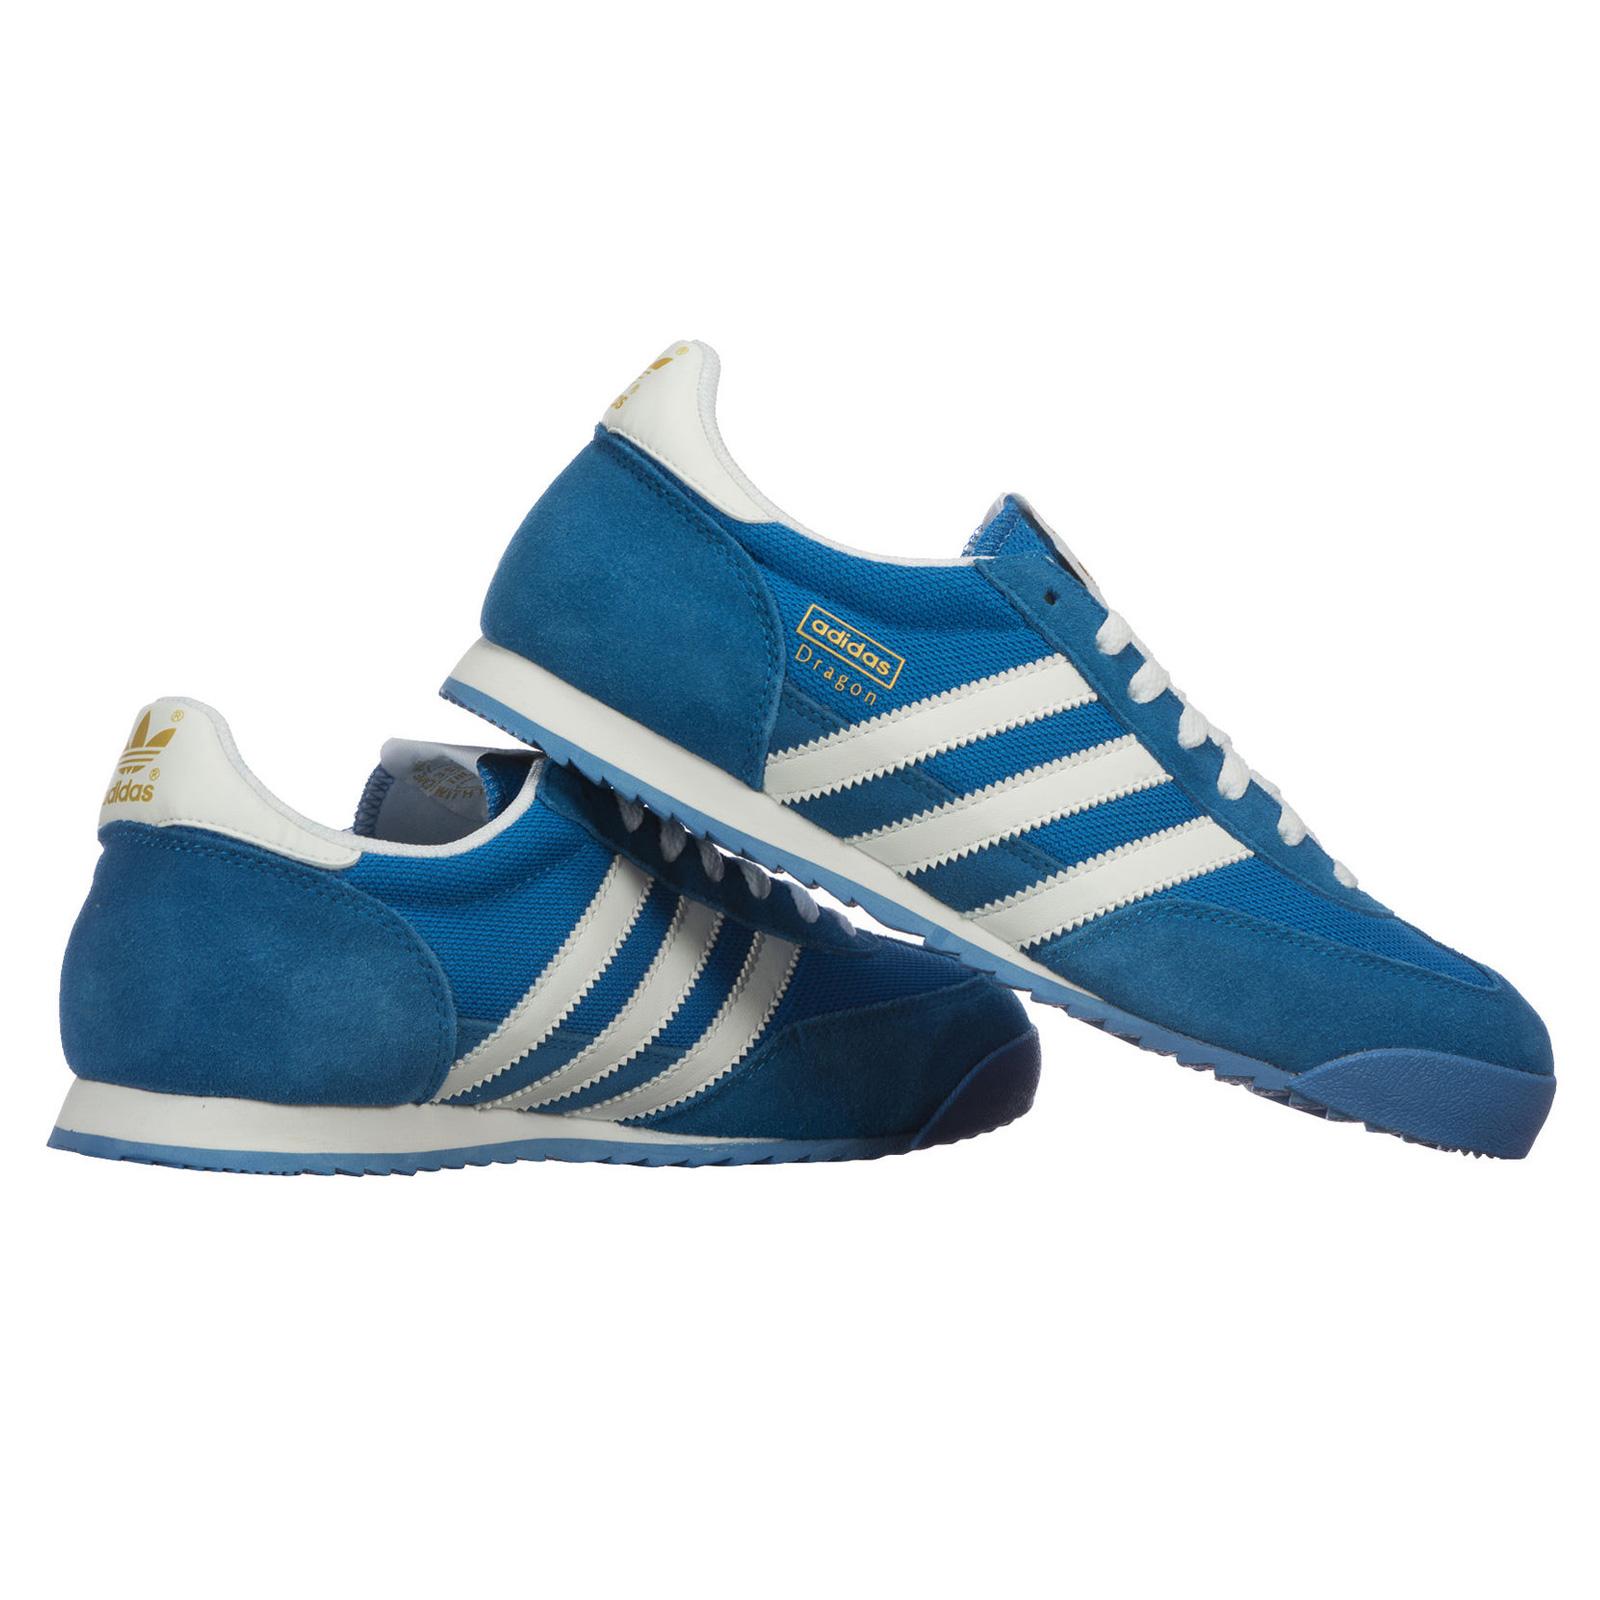 Détails sur Adidas Original Dragon Hommes Loisirs Chaussures Basket de Sport G50922 Bleu